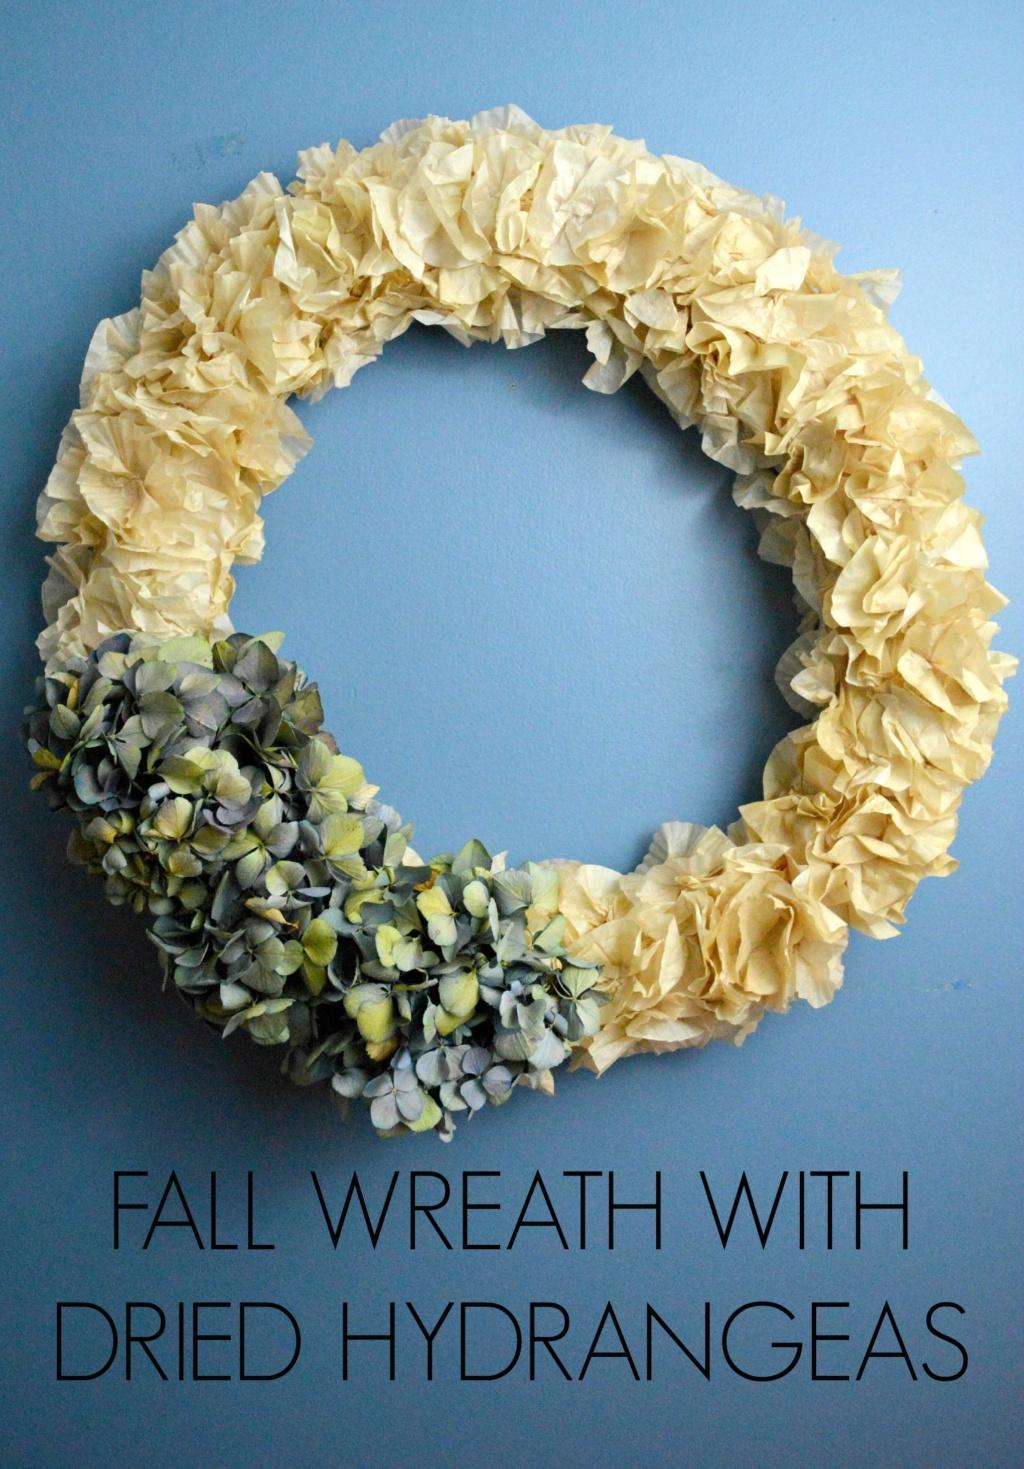 Fall Wreath with Dried Hydrangeas